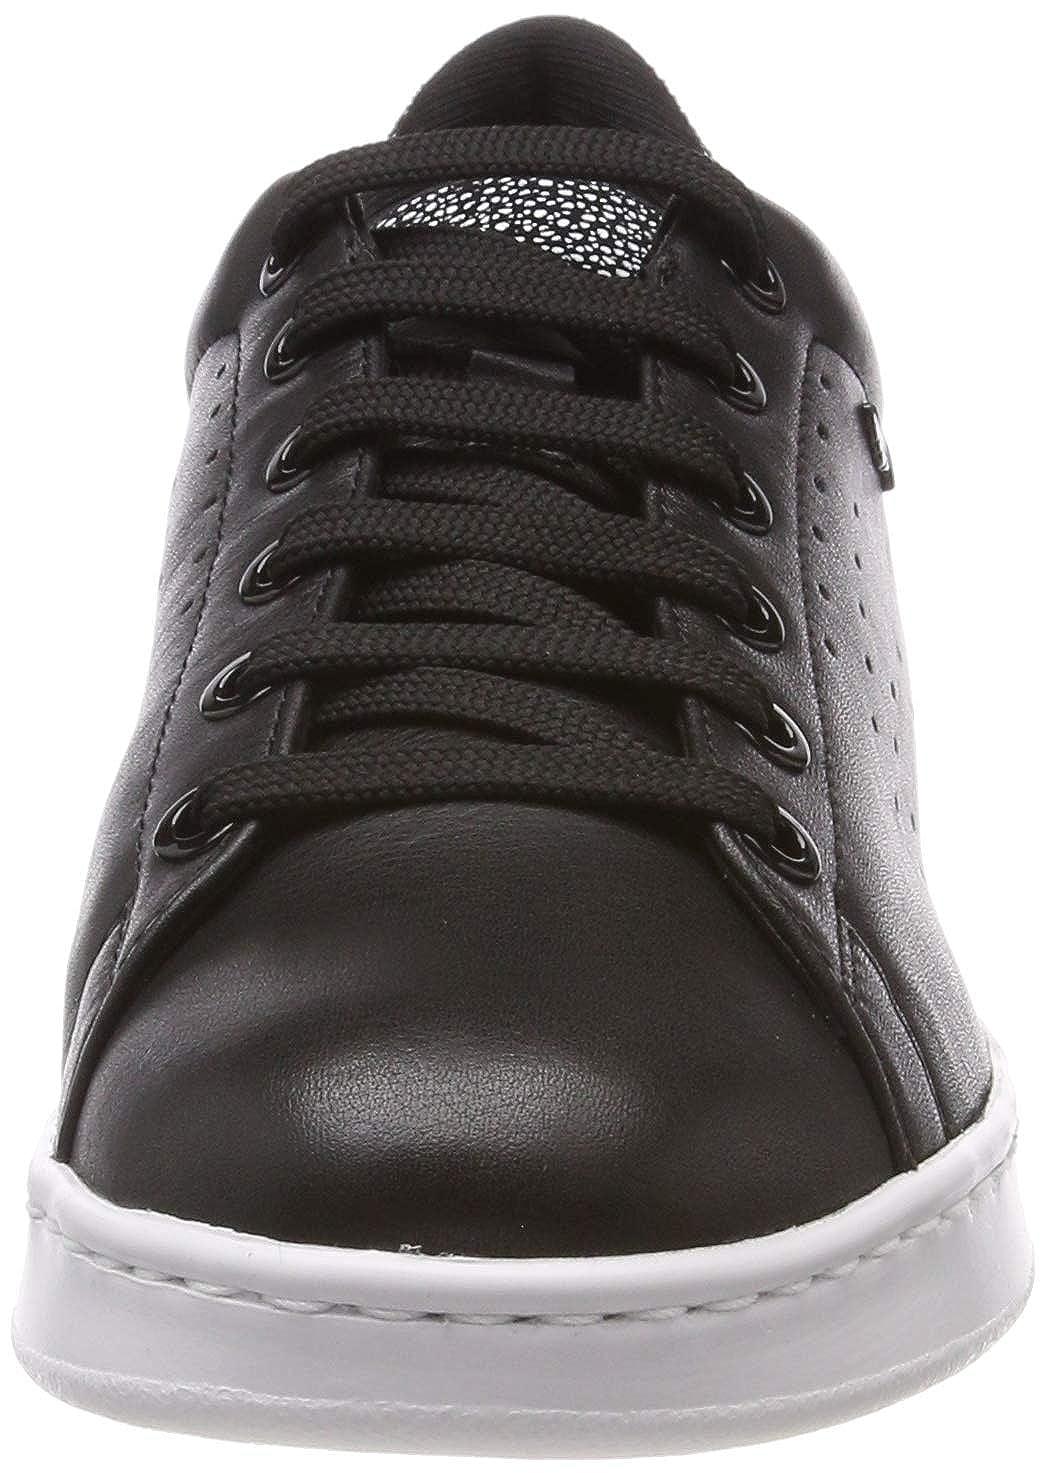 Geox Women/'s D Jaysen a Low-Top Sneakers Black